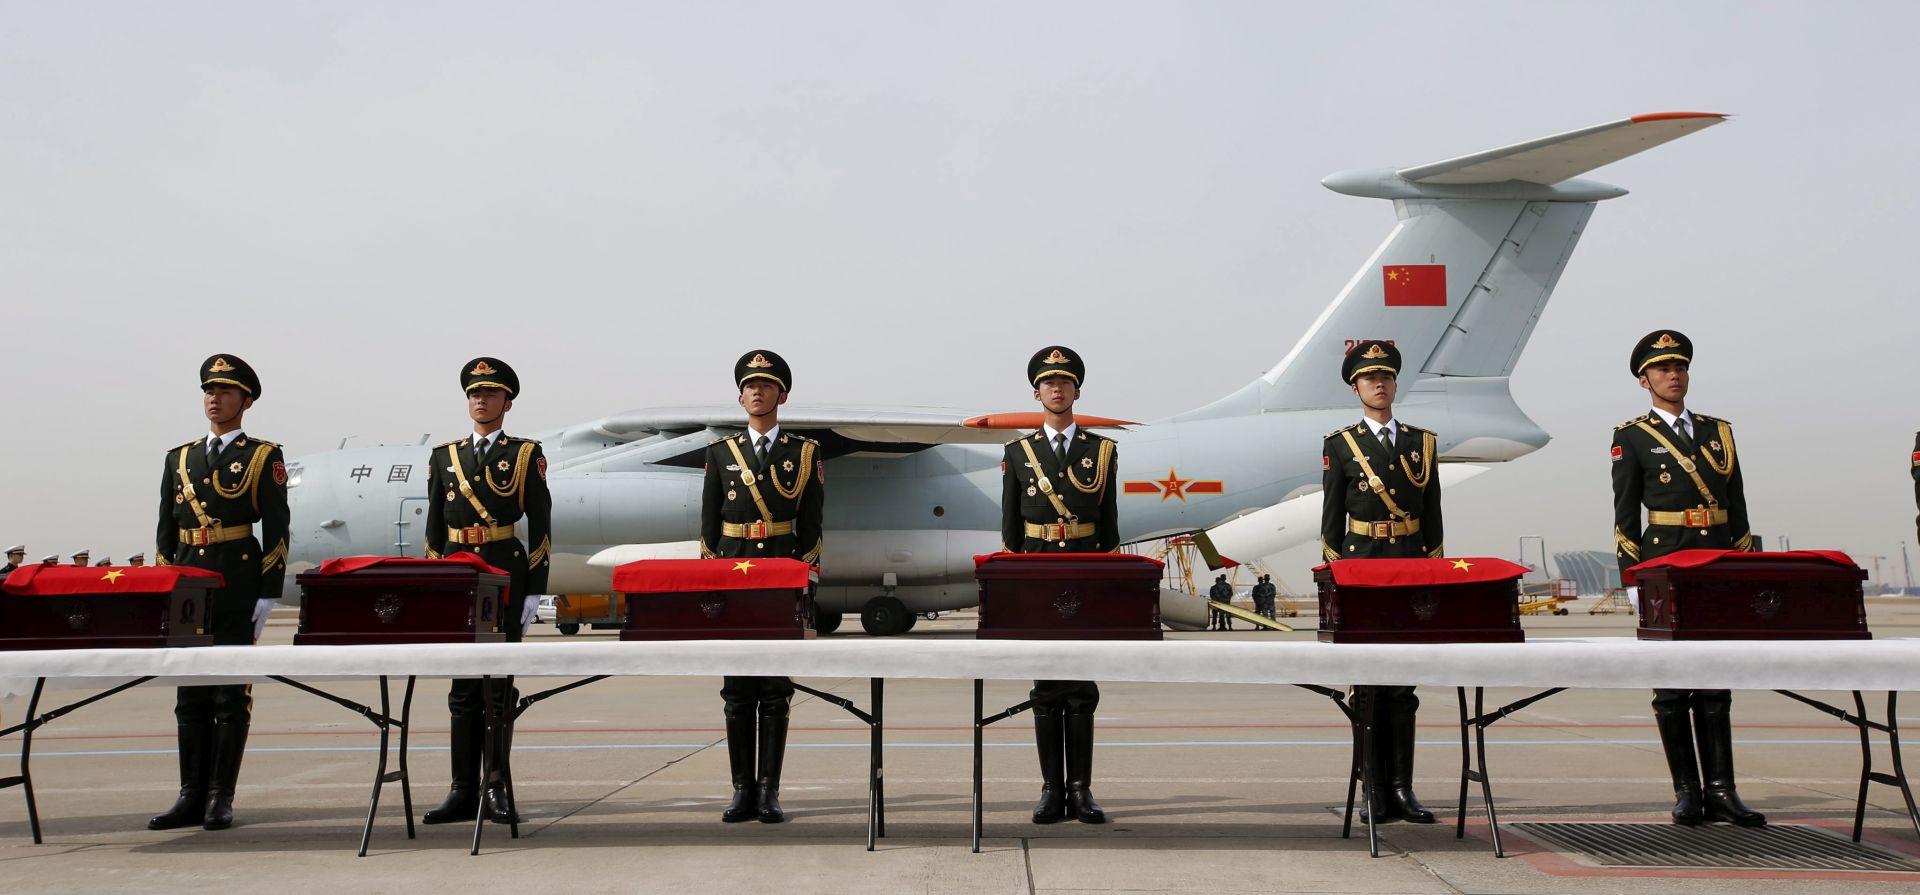 Seul vraća Kini tijela vojnika iz Korejskog rata